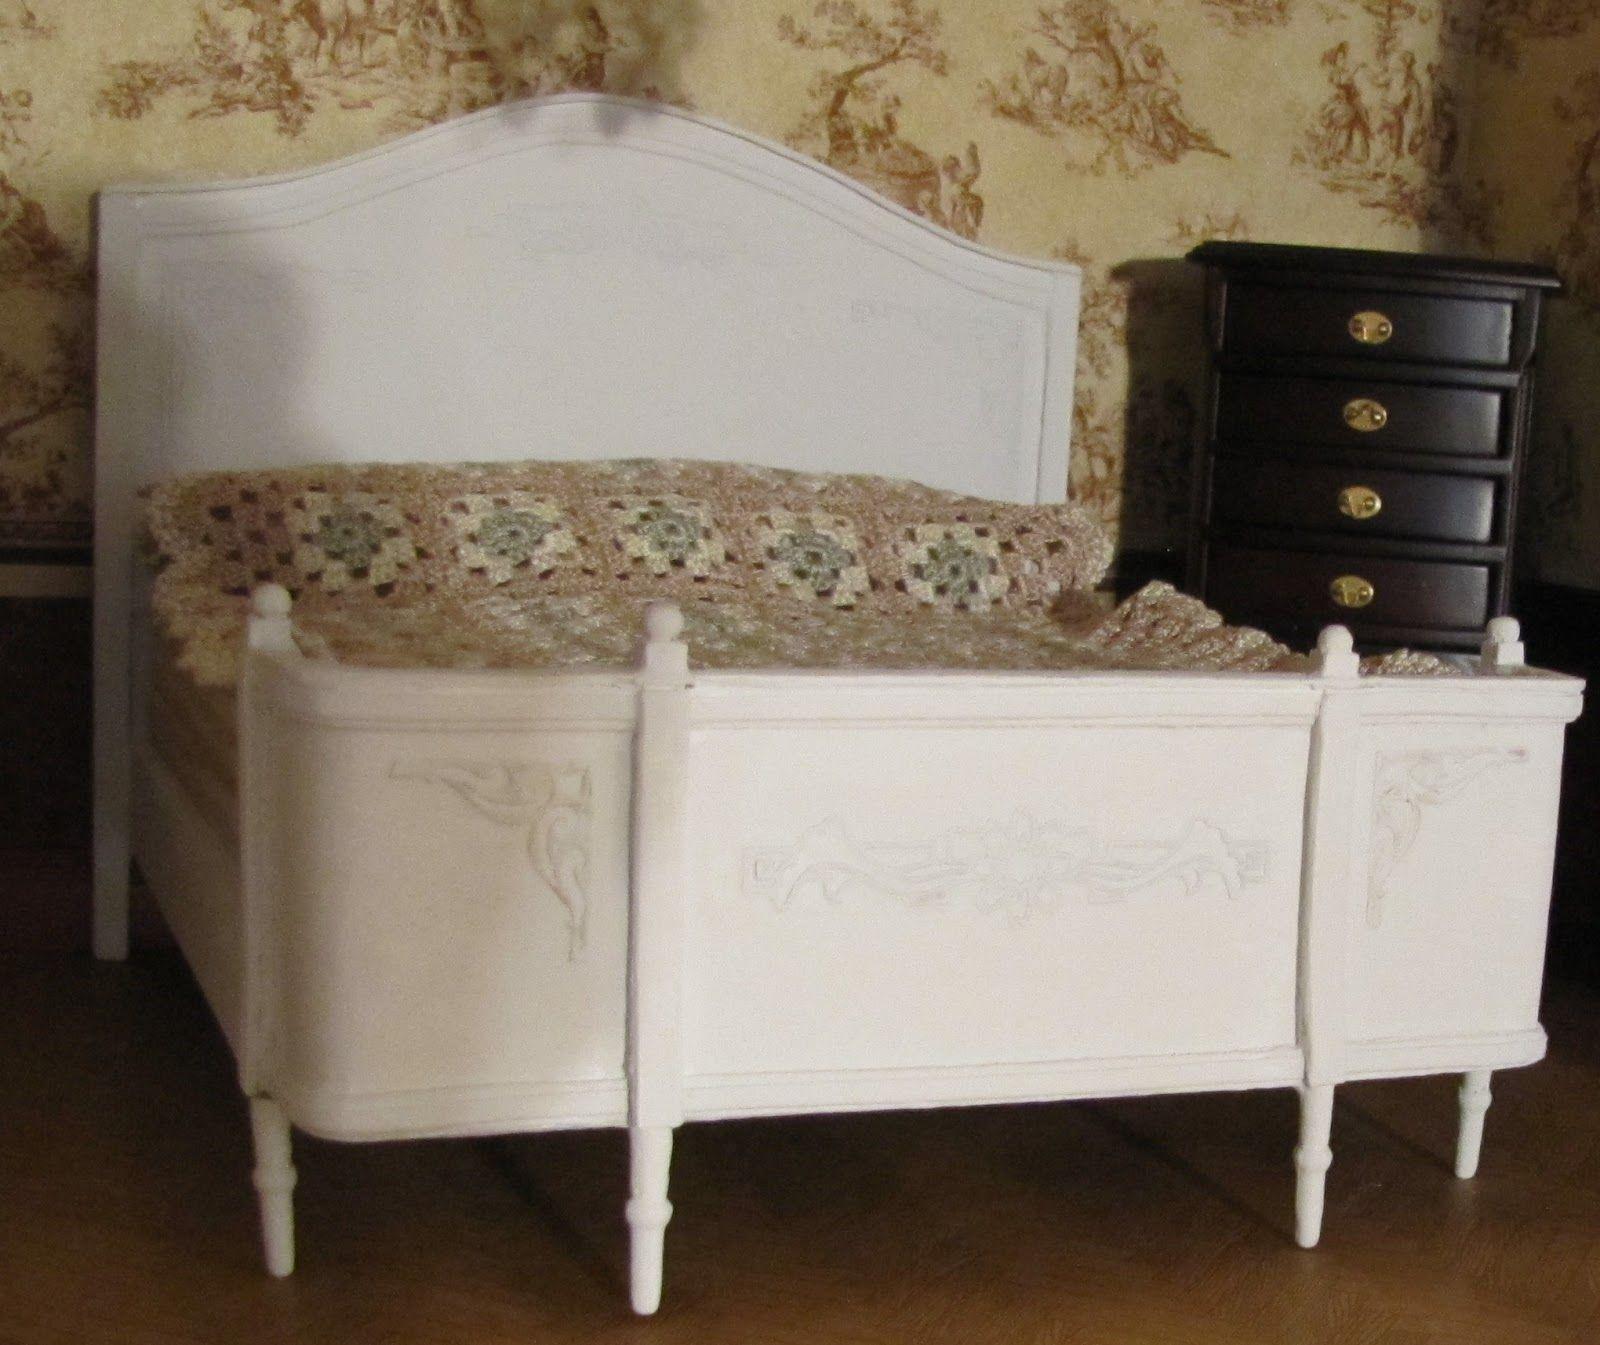 """Sänky valmis. Se on tehty Krisin sängyn mallilla, vähän """"fuskaten"""". Maalasin sängyn vaalealla kalkkimaalilla. Päädyissä olevat koristeet ..."""